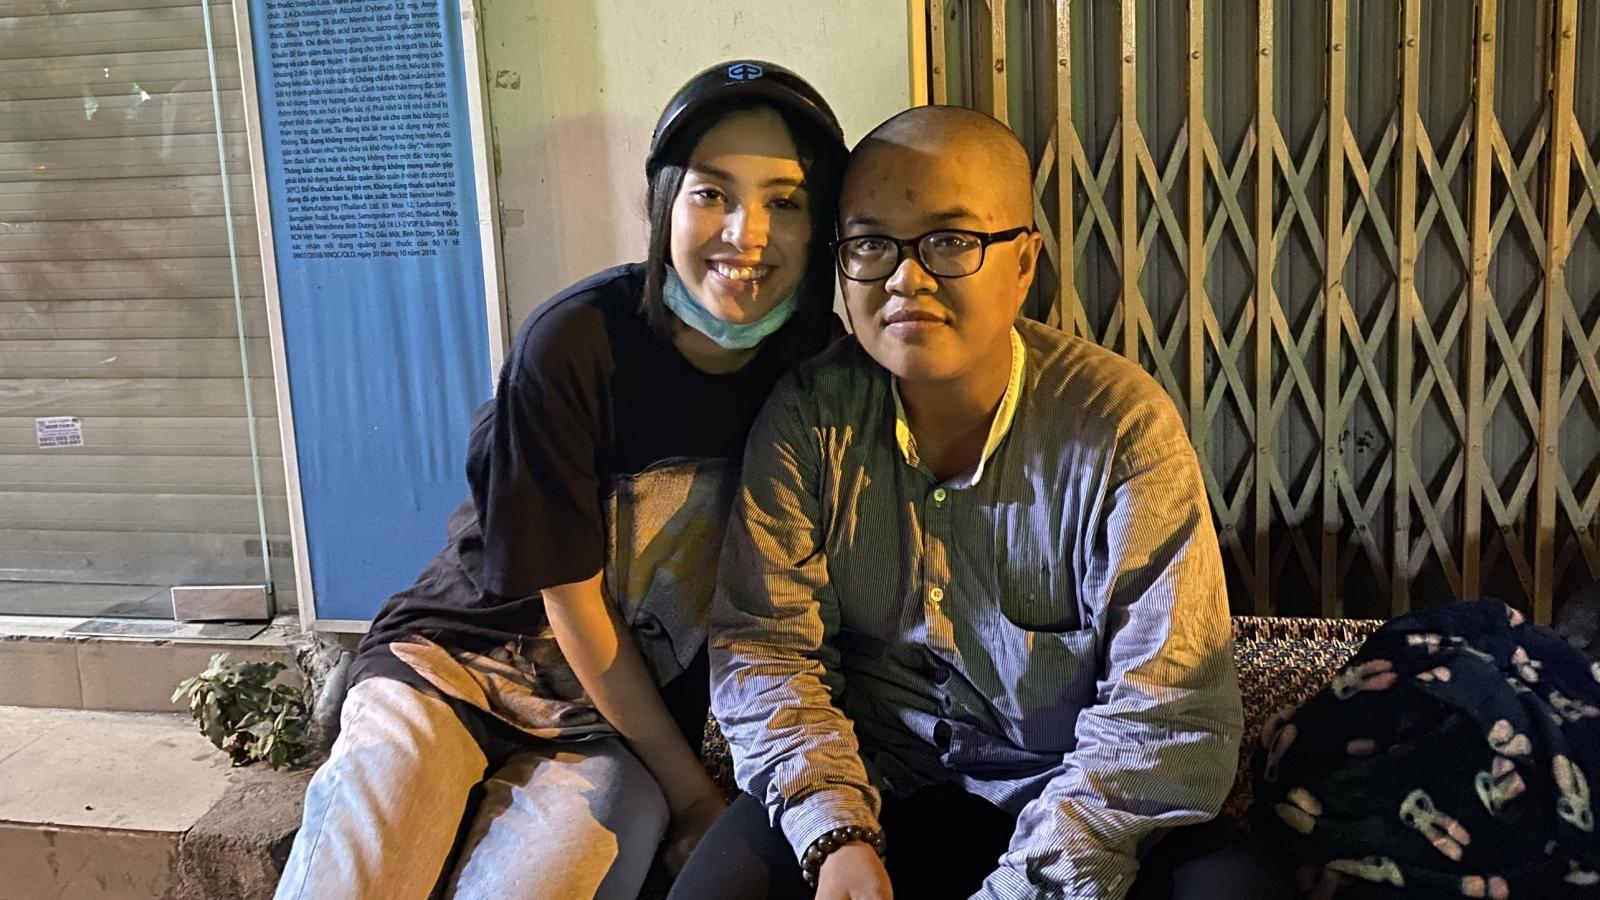 Tiểu Vy, Lương Thùy Linh tặng quà cho người vô gia cư ở TP.HCM